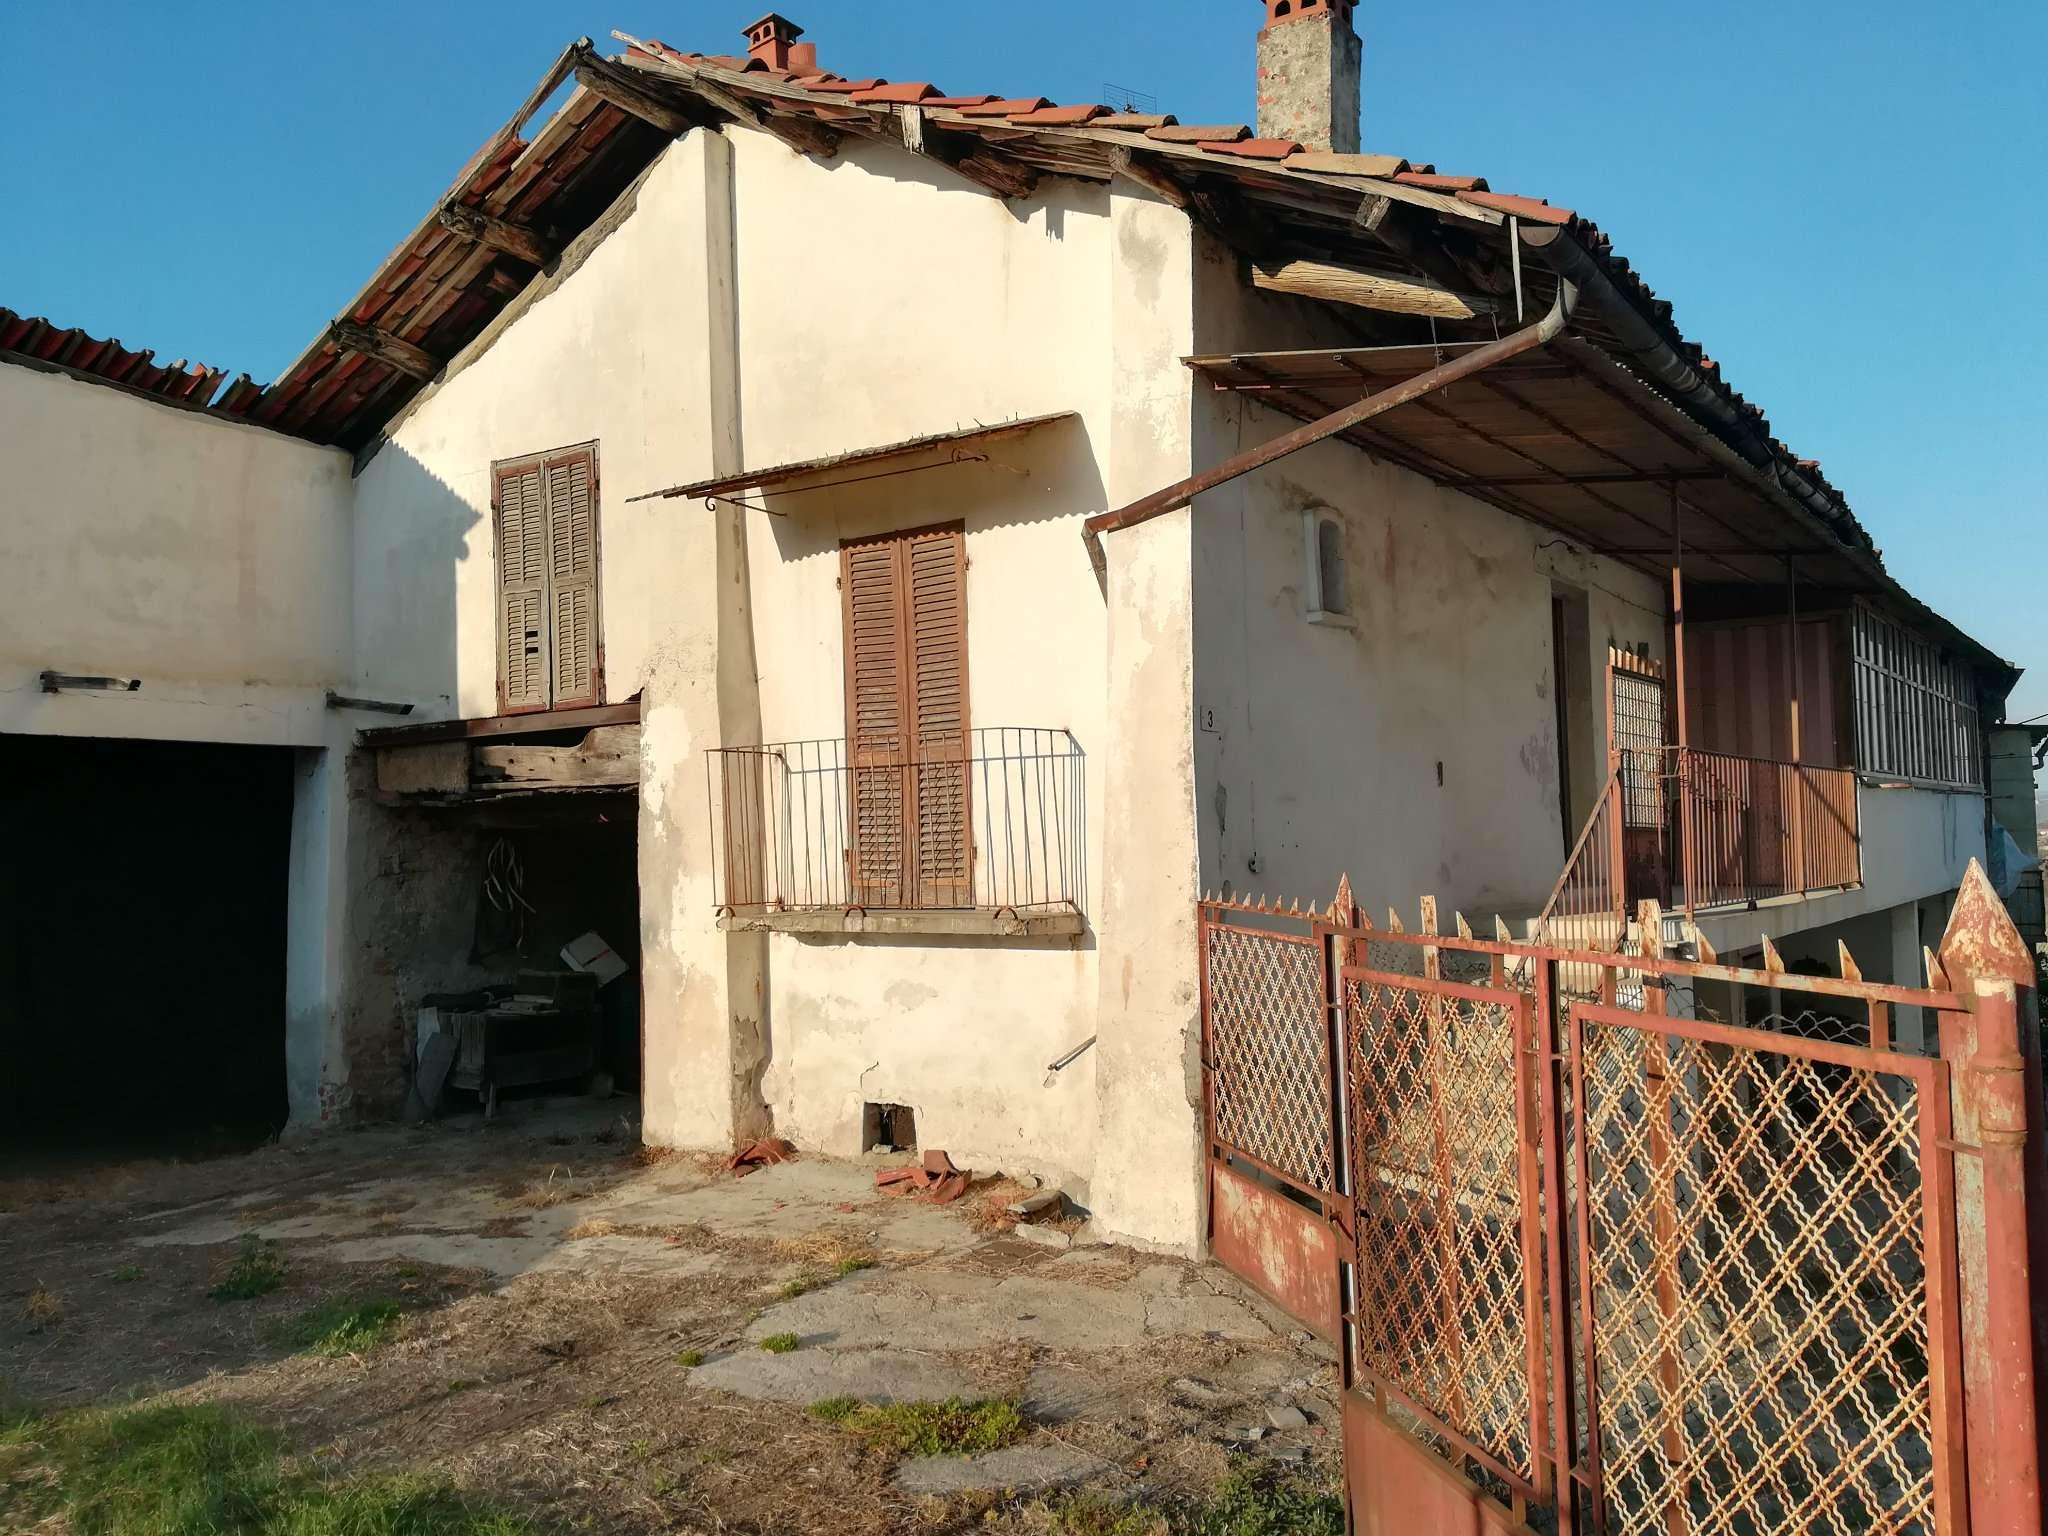 Rustico / Casale in vendita a Vicoforte, 7 locali, Trattative riservate | CambioCasa.it